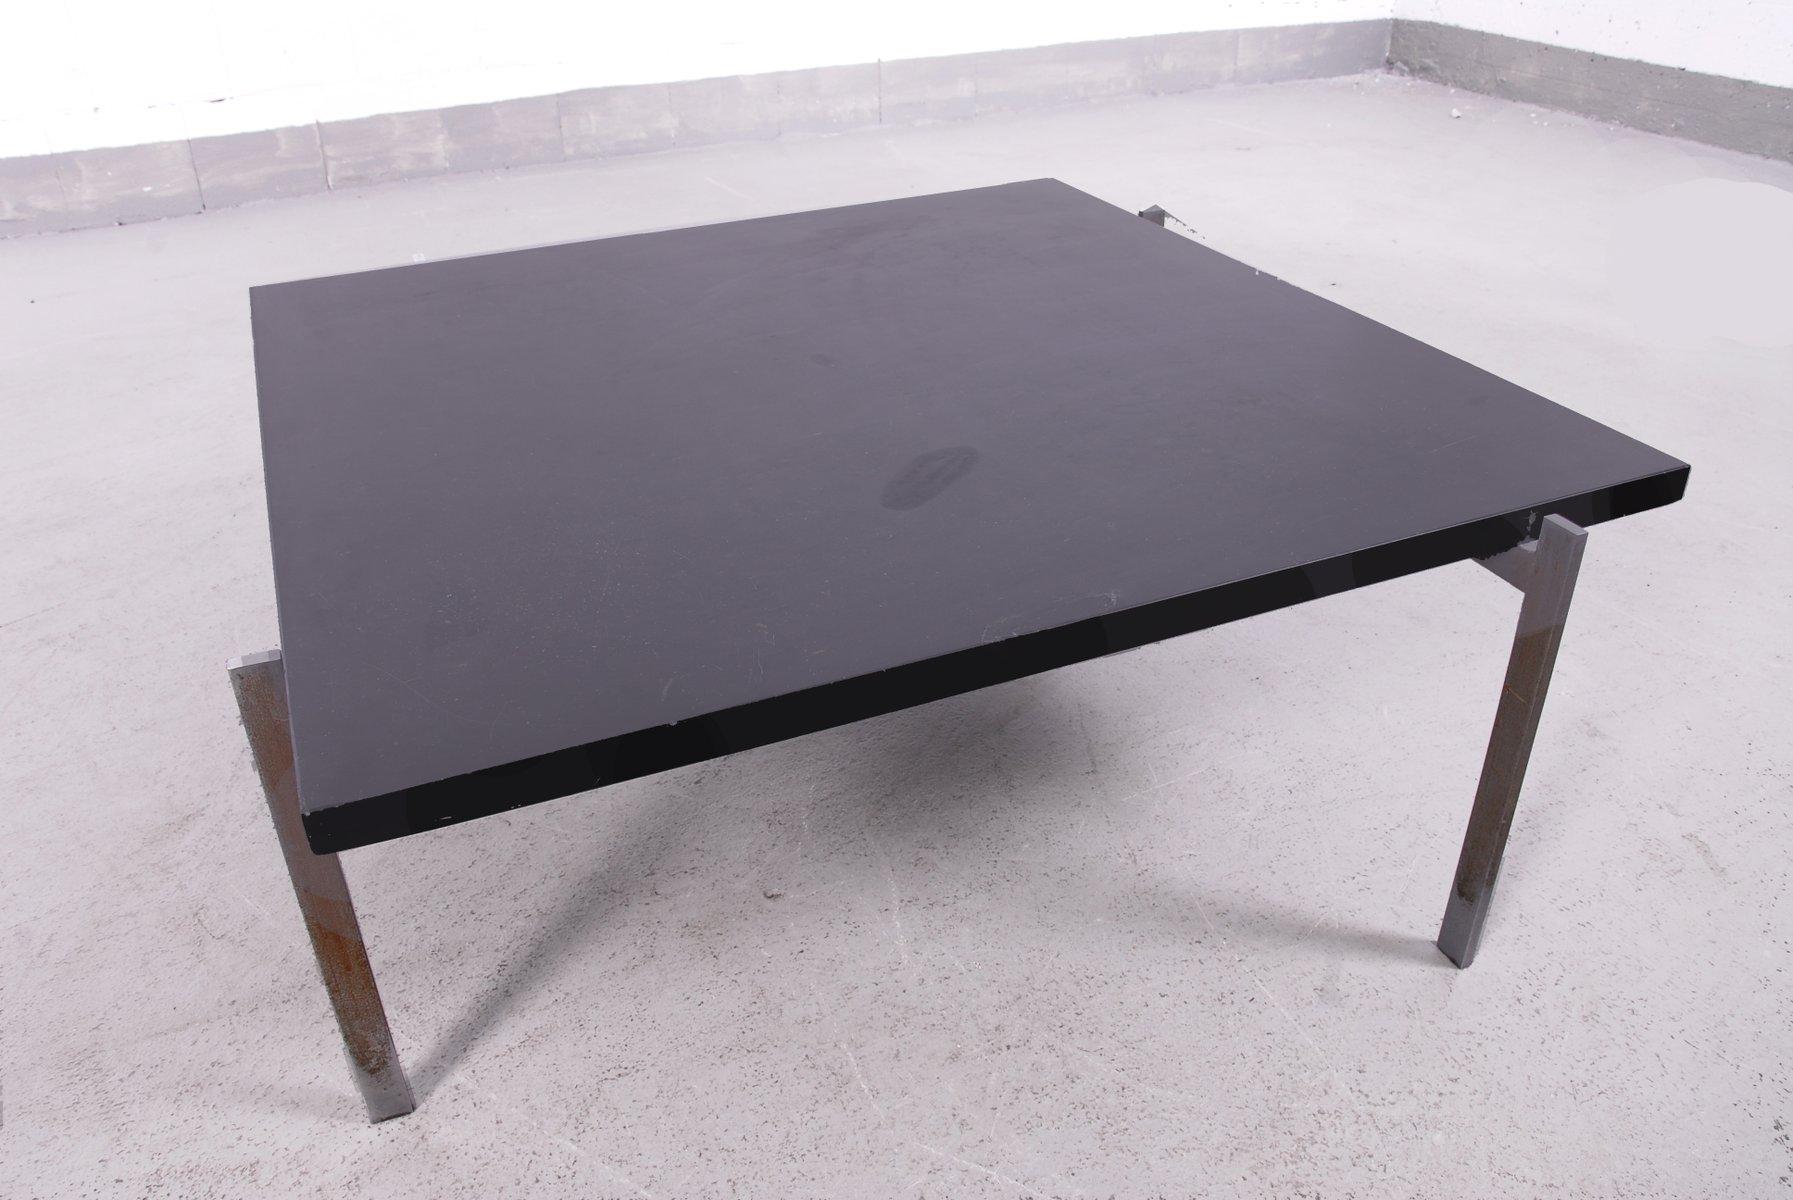 table basse pk61 vintage avec plateau en ardoise noire par poul kjaerholm en vente sur pamono. Black Bedroom Furniture Sets. Home Design Ideas